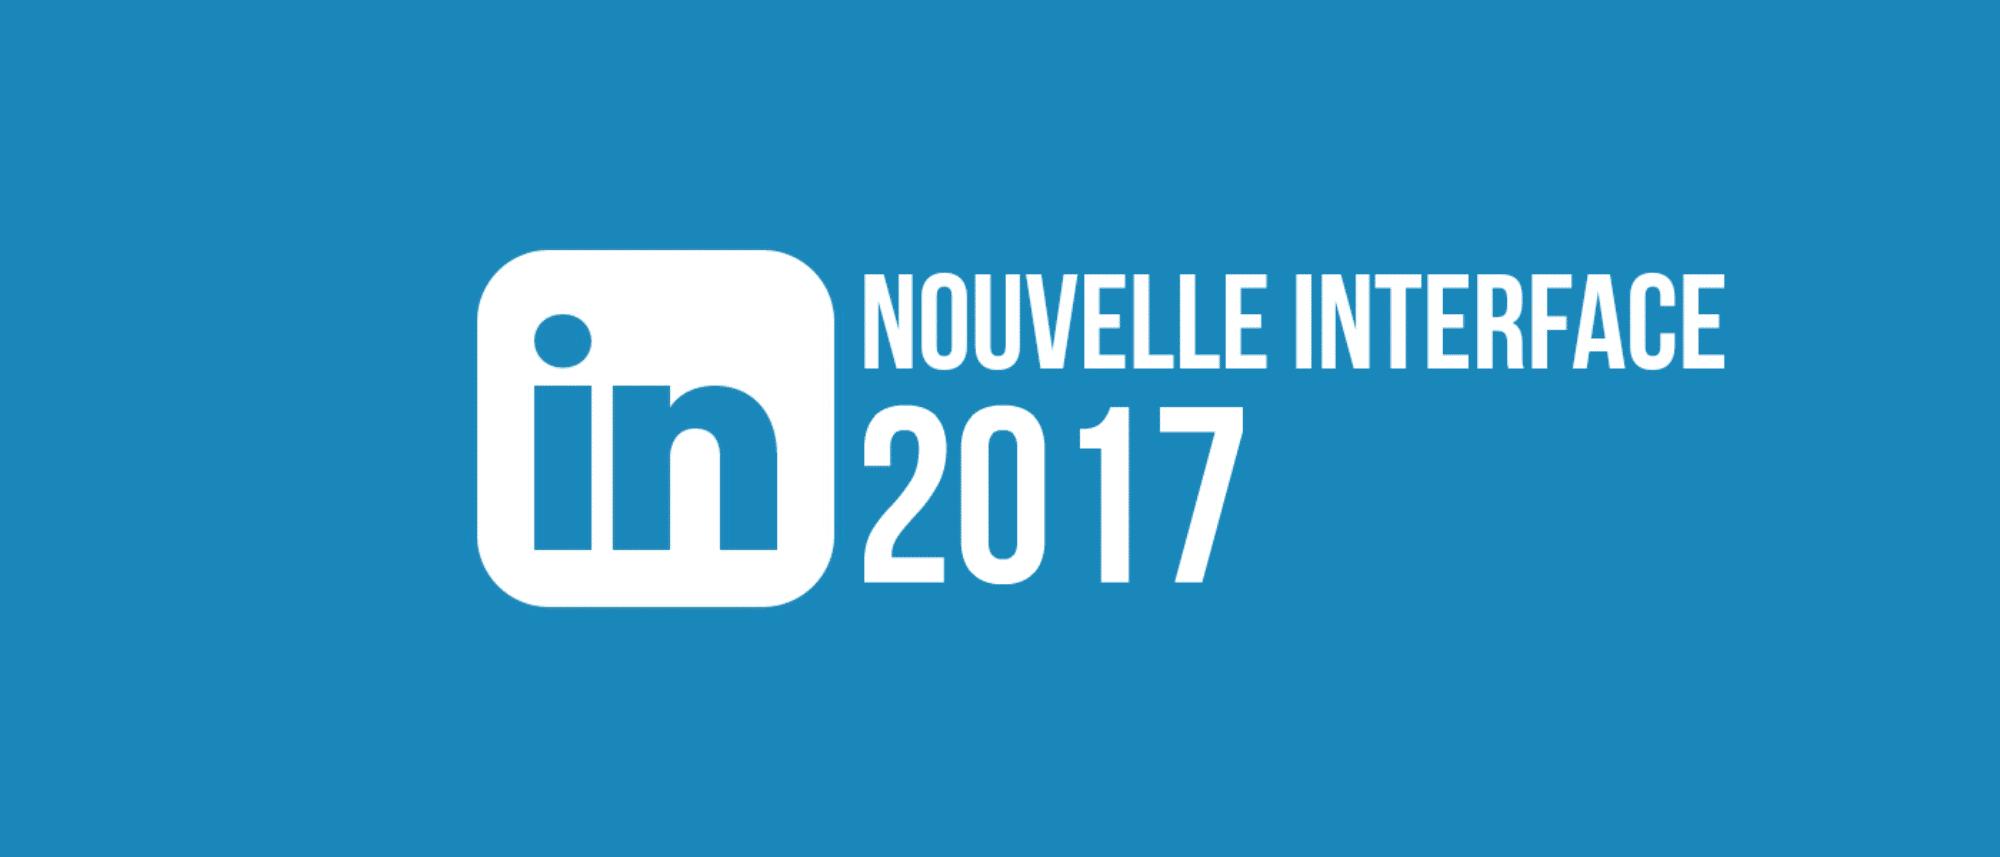 Nouvelle interface LinkedIn : 10 évolutions majeures pour le social selling